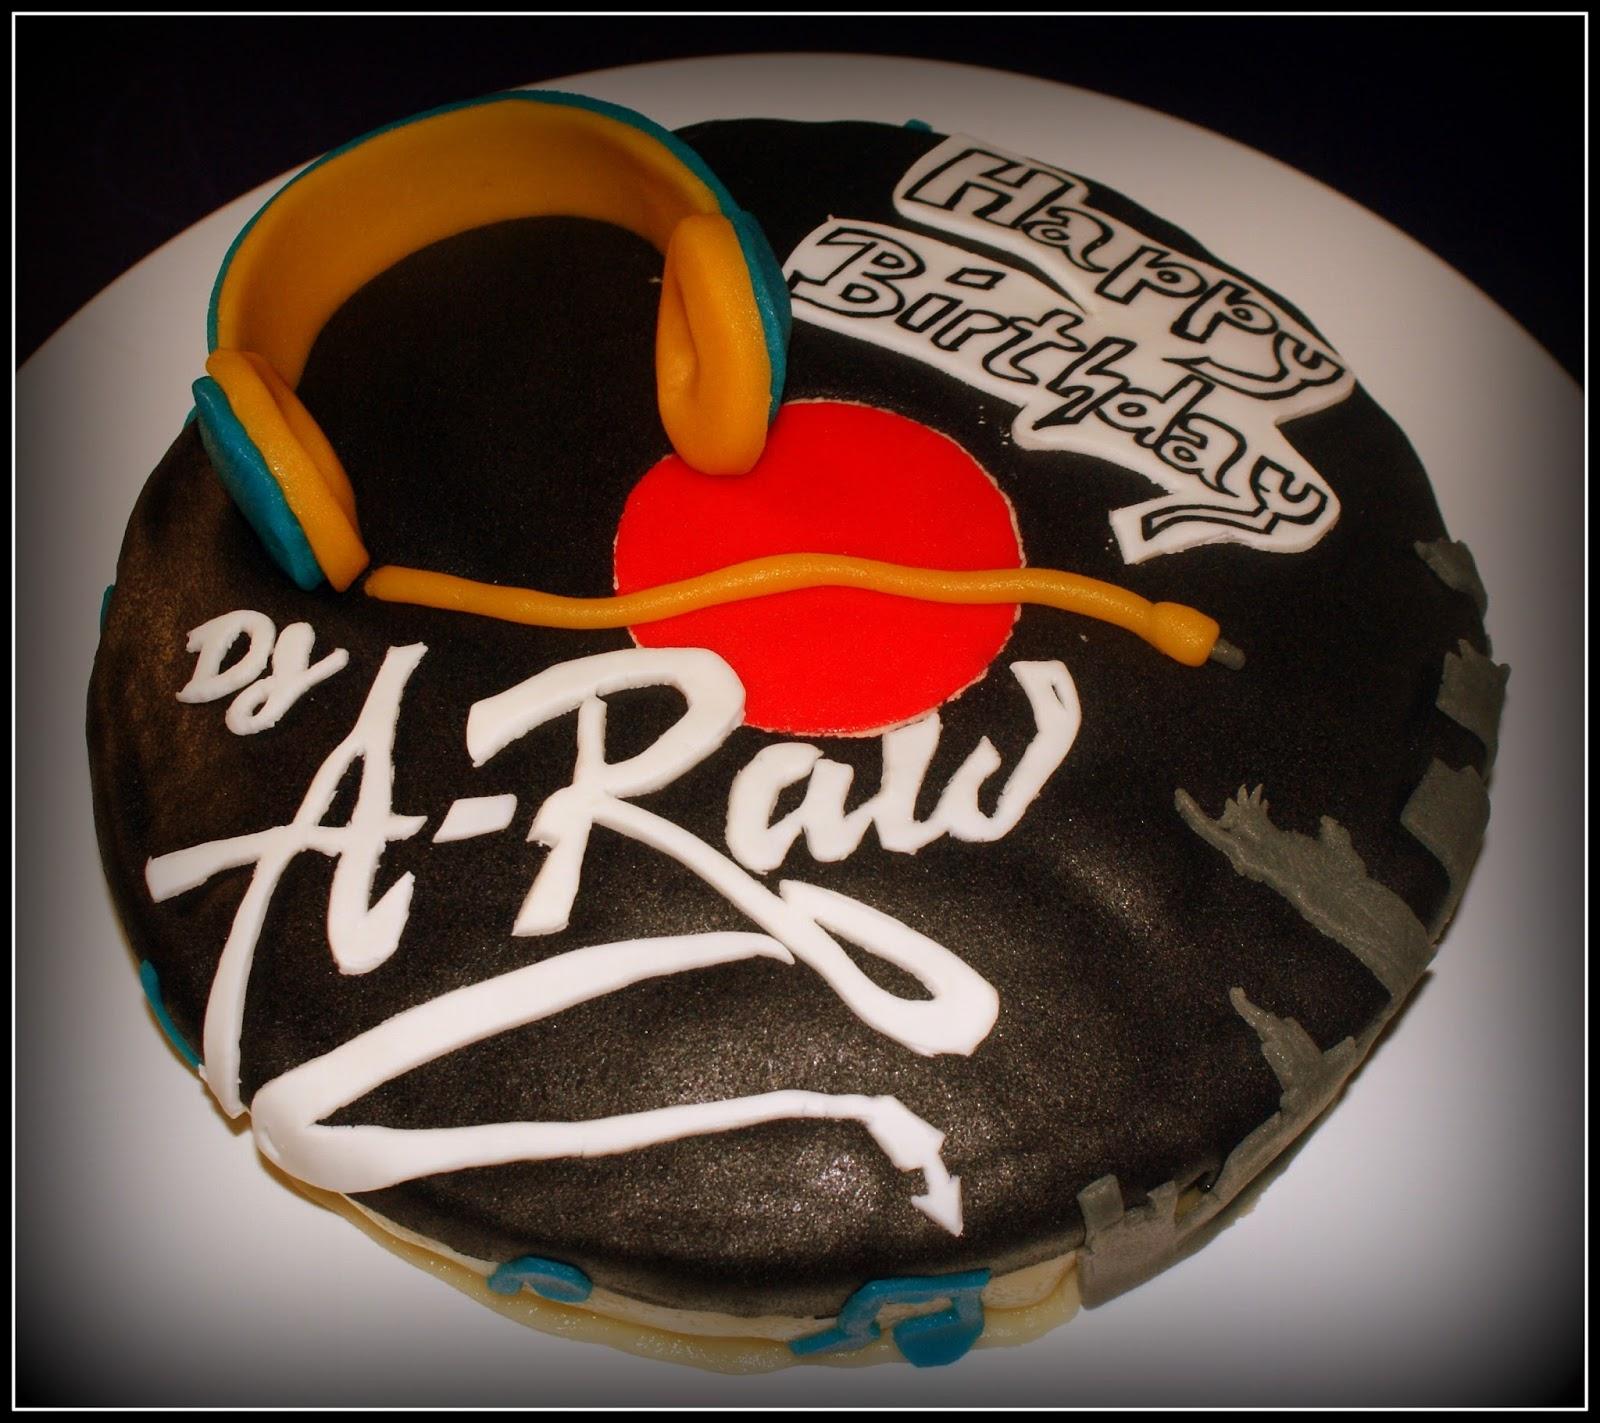 Diese Torte Habe Ich Gemeinsam Mit Herrn Backschaaf Fur Unseren Lieben Andi Dj A Raw Zum 40 Gebastelt